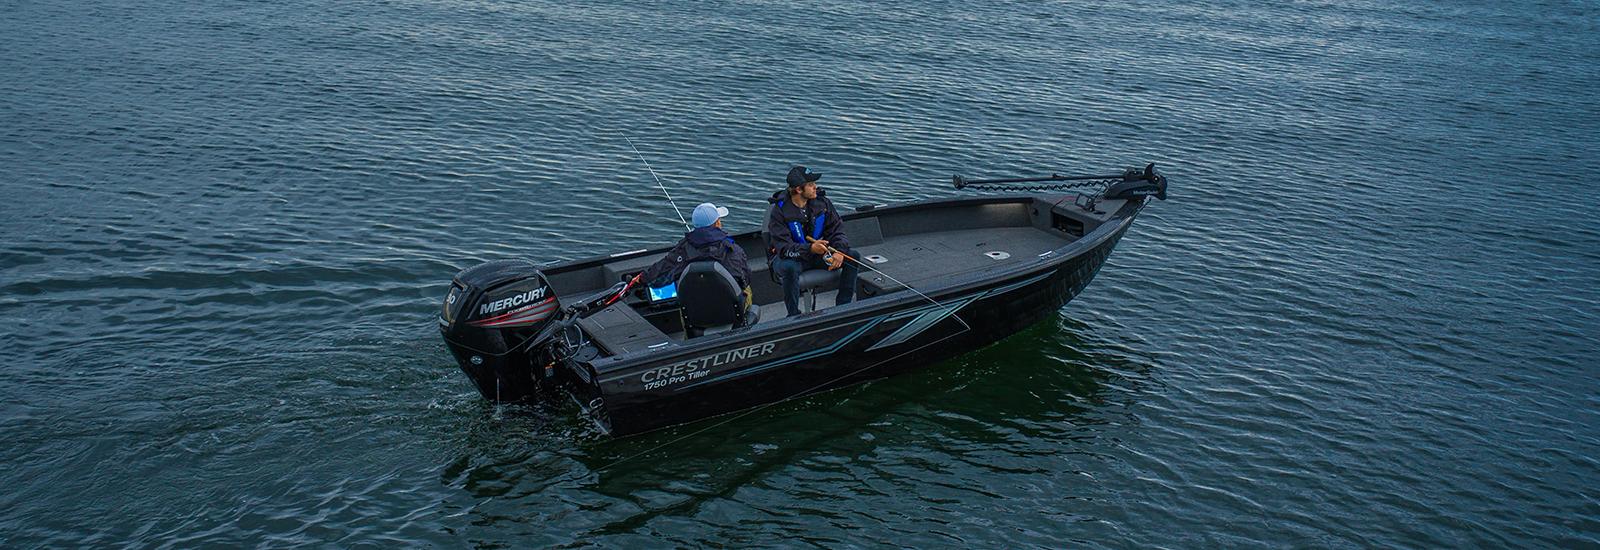 Crestliner Aluminum Tiller Boats | The Pro Tiller Series Boats